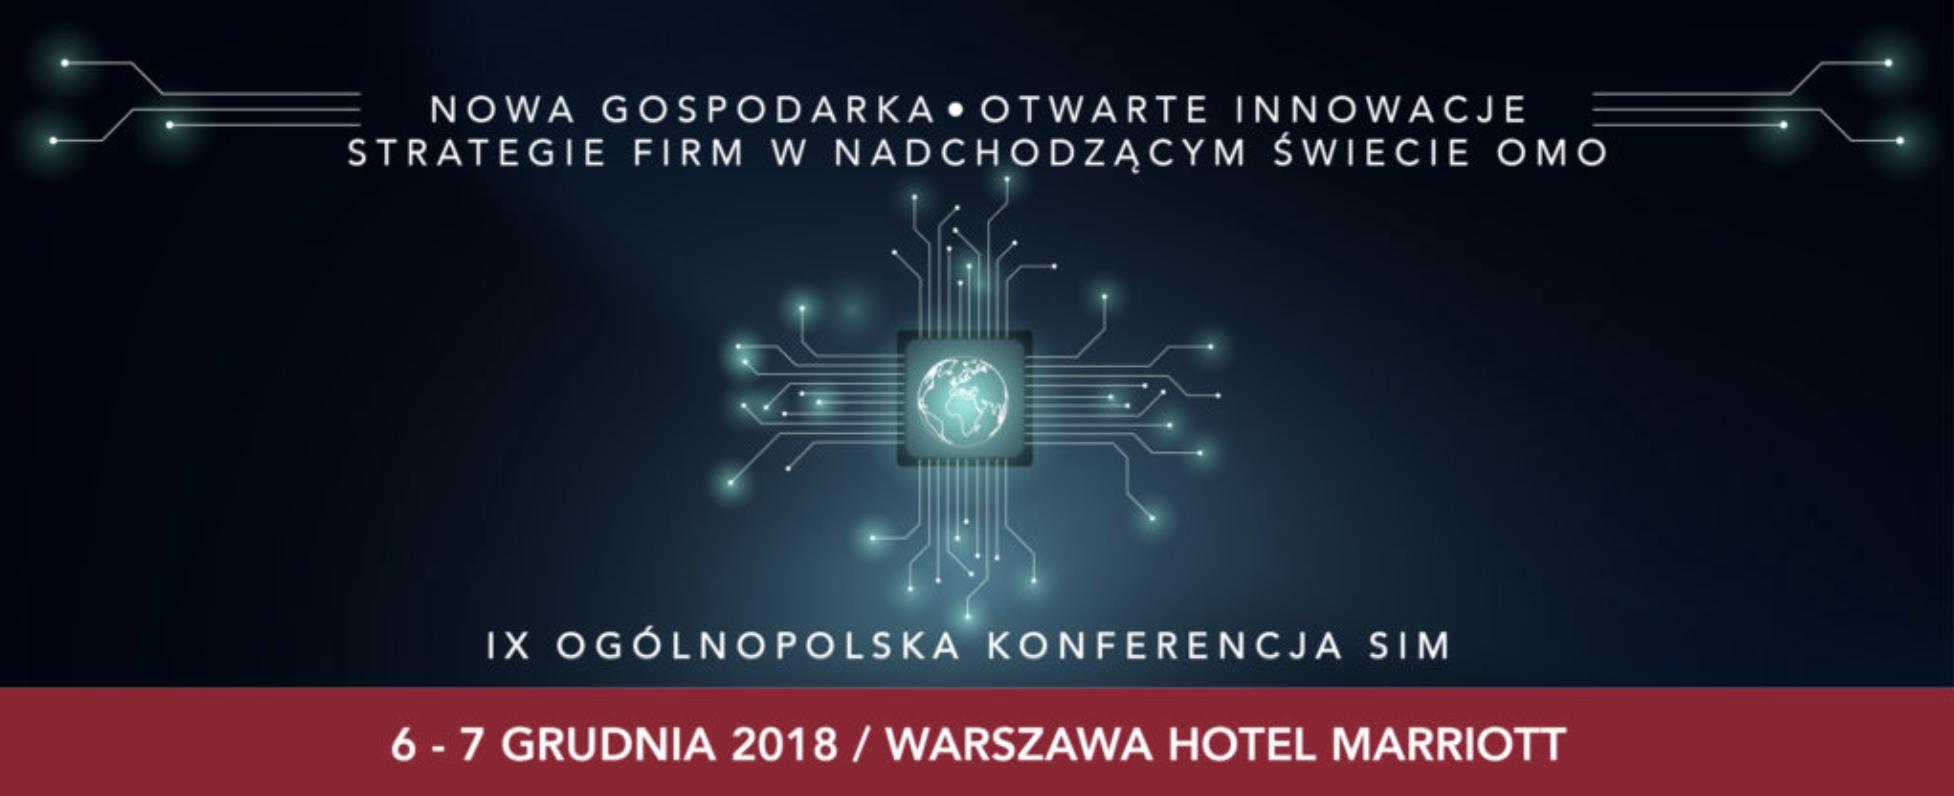 Konferencja SIM Norbert Biedrzycki